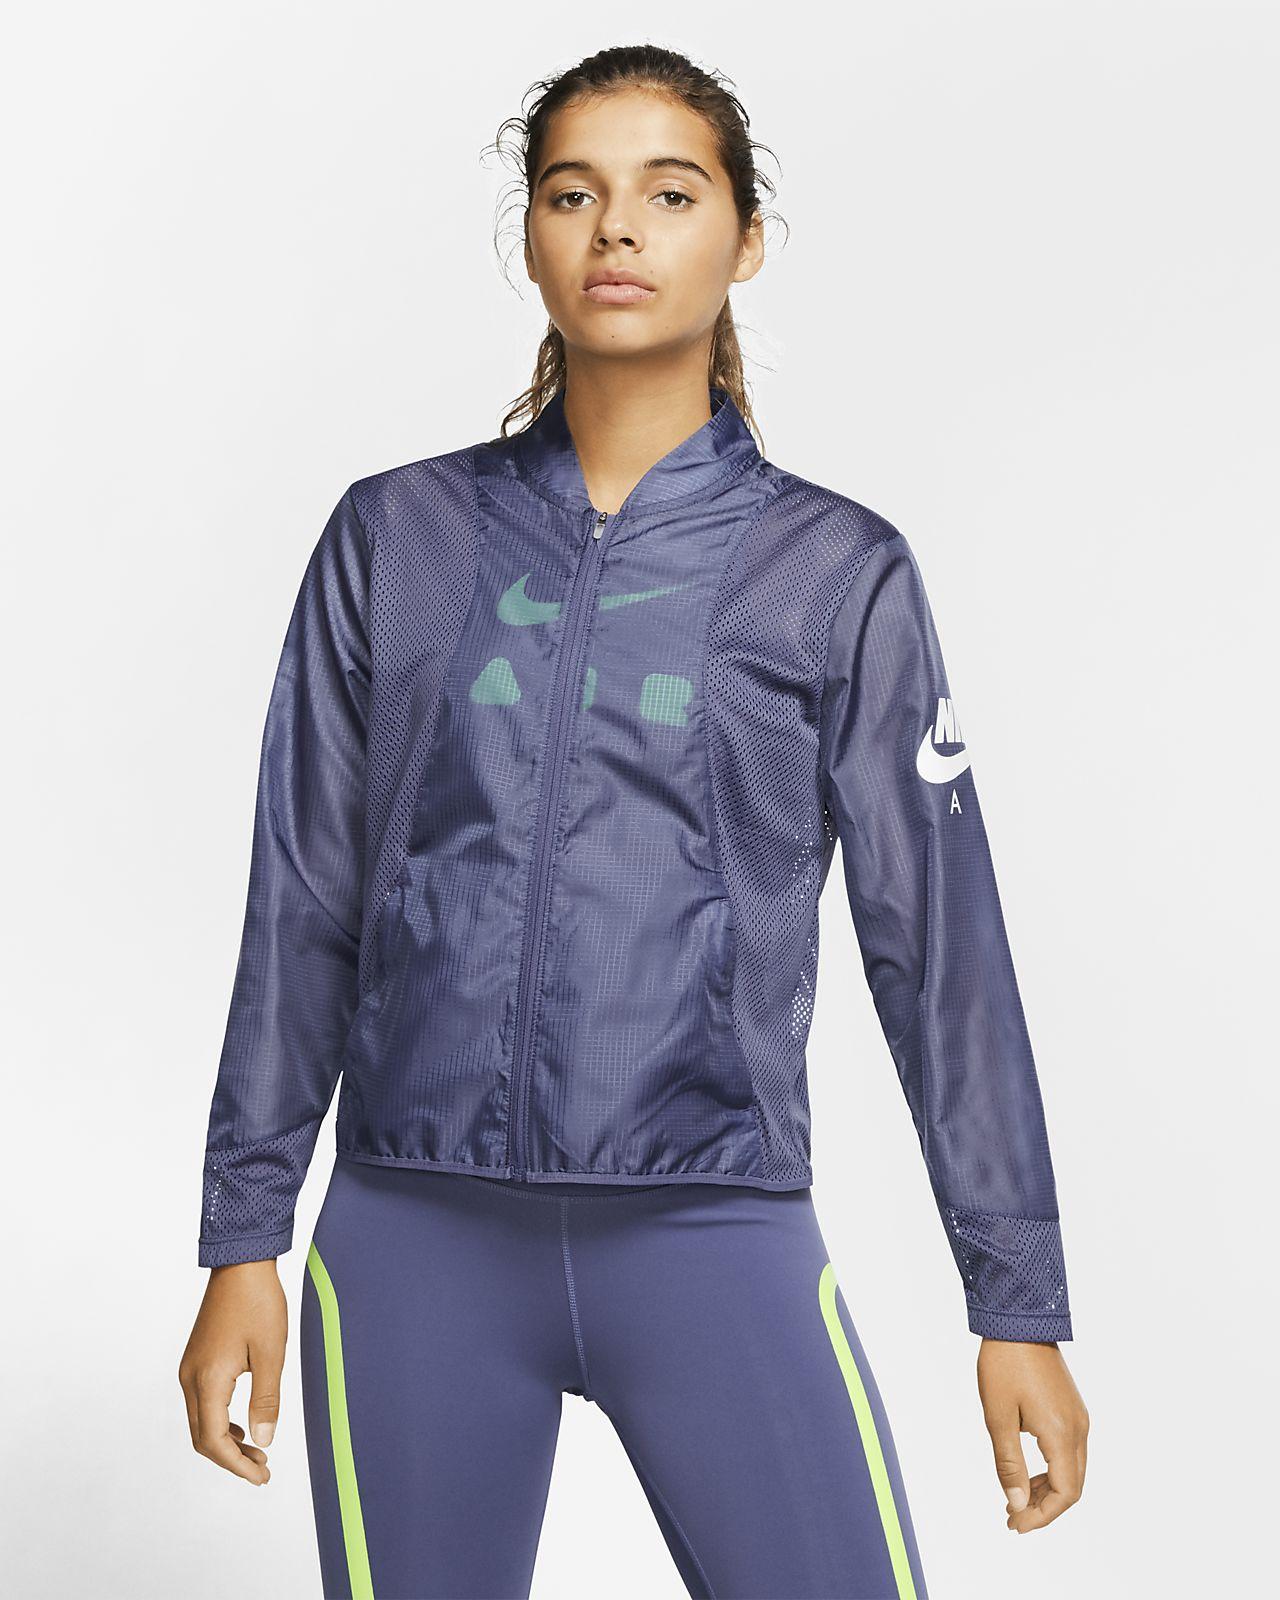 Nike Hardloopjack voor dames